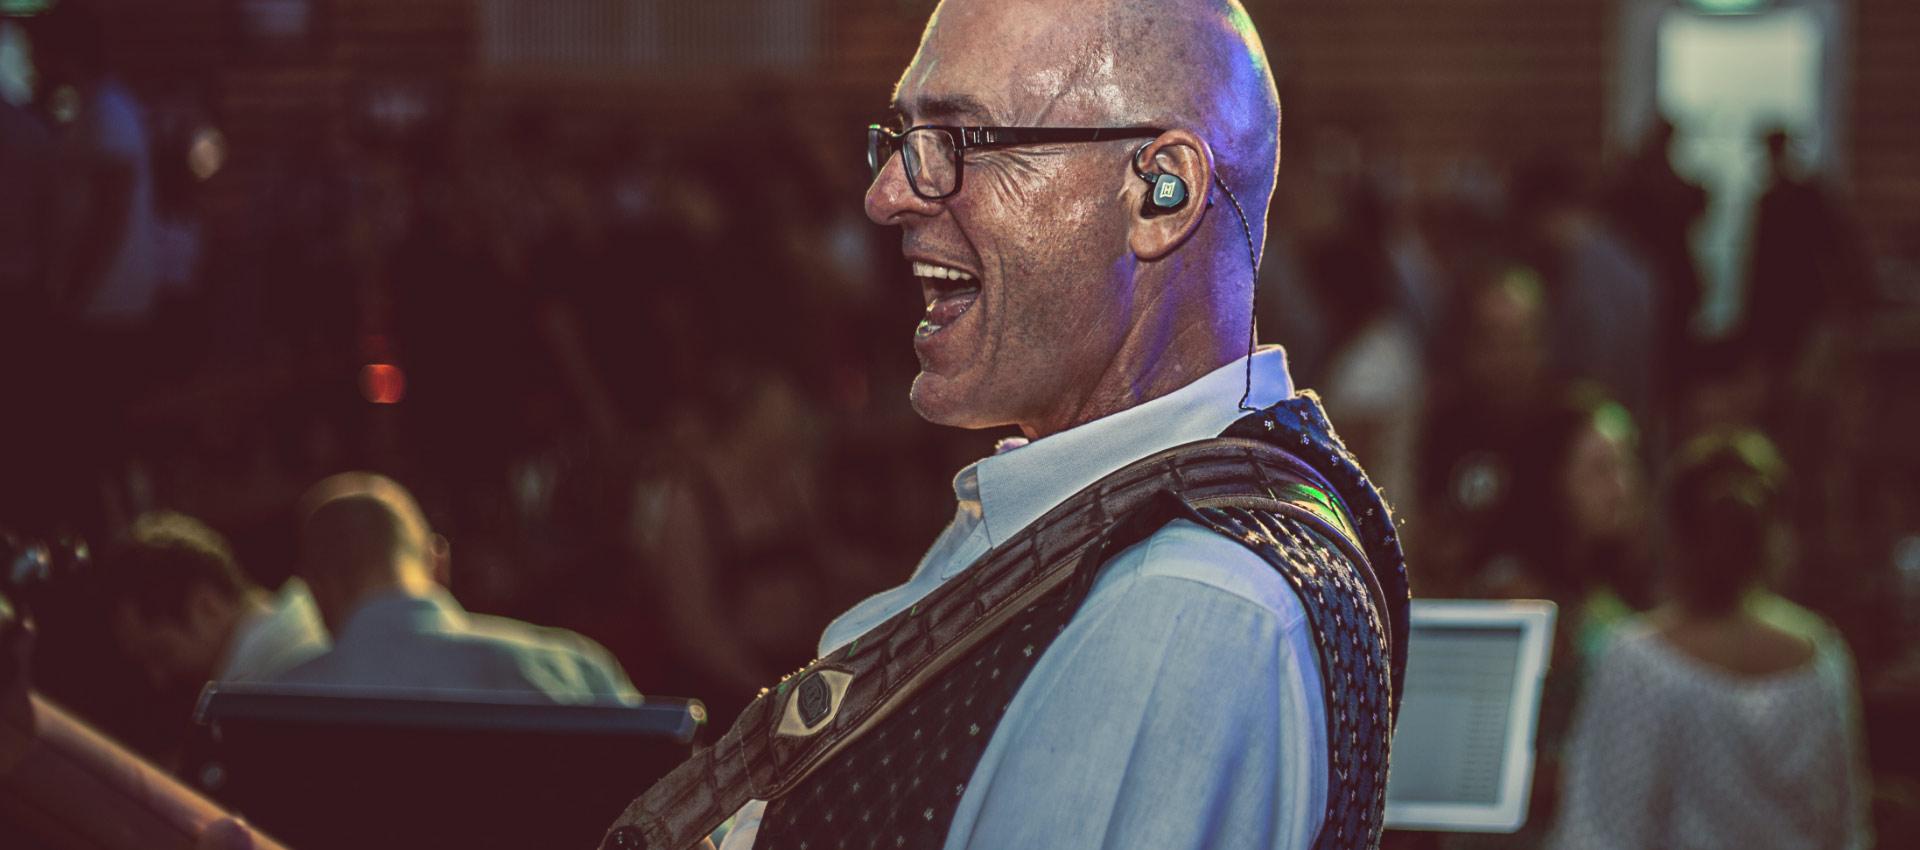 Der Gitarrist und Sänger dieser Band rockt mit seinen HEAROS PRO 2 unifit die Bühne – so macht professionelles In Ear Monitoring Spaß!